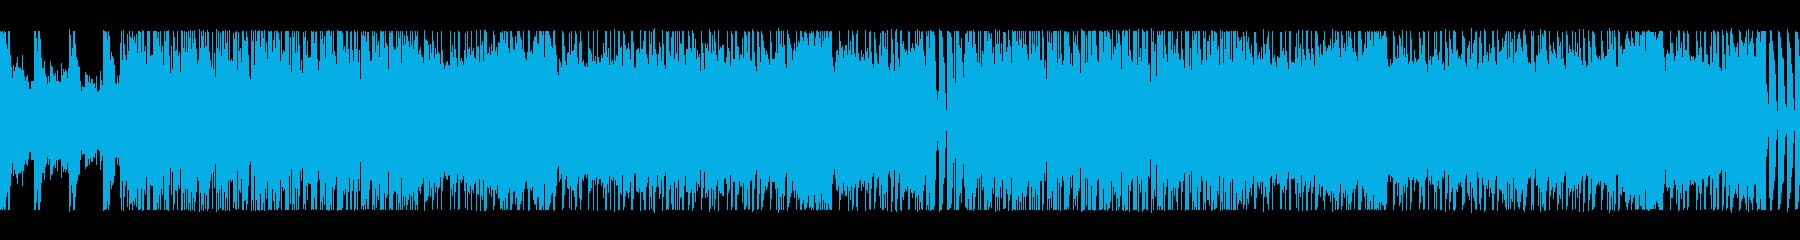 ループ:グランジ、オルタナティブロックの再生済みの波形